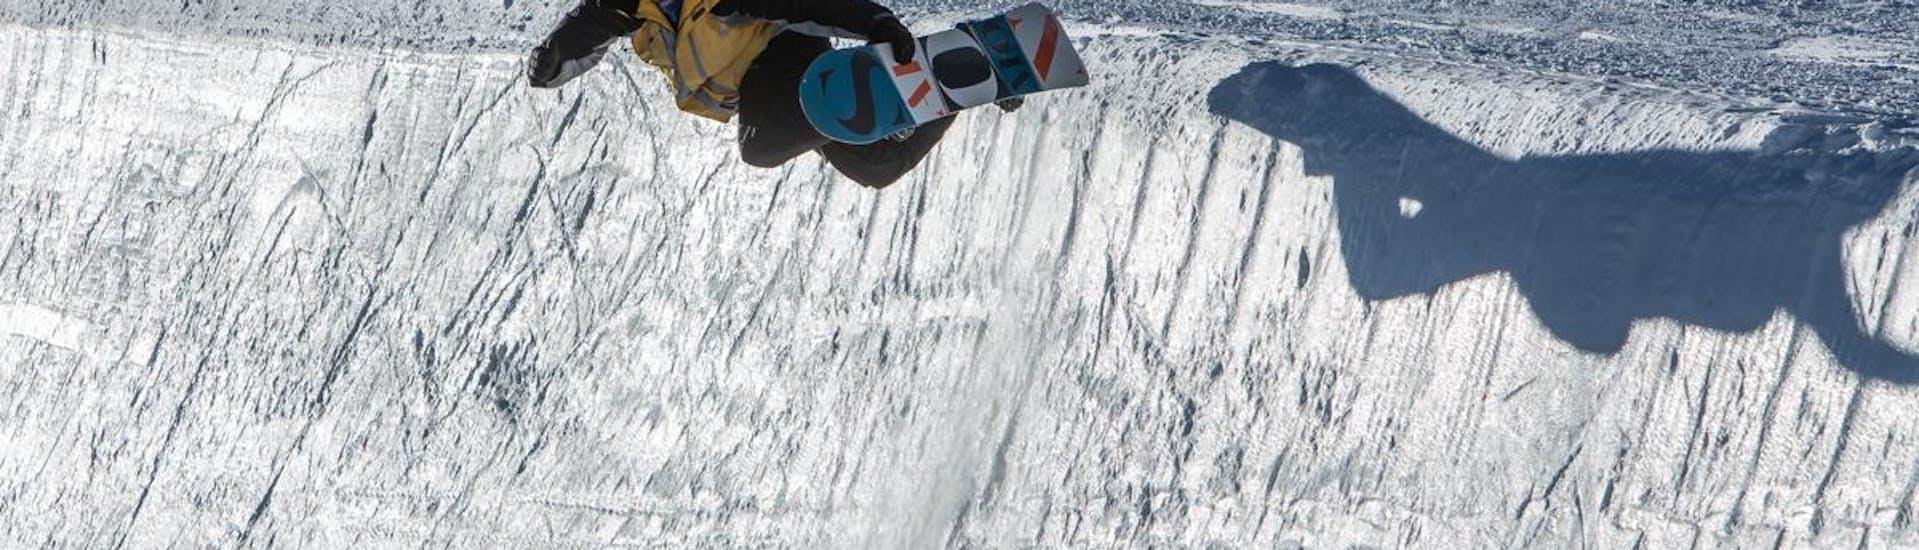 Snowboardlessen voor volwassenen - Beginners